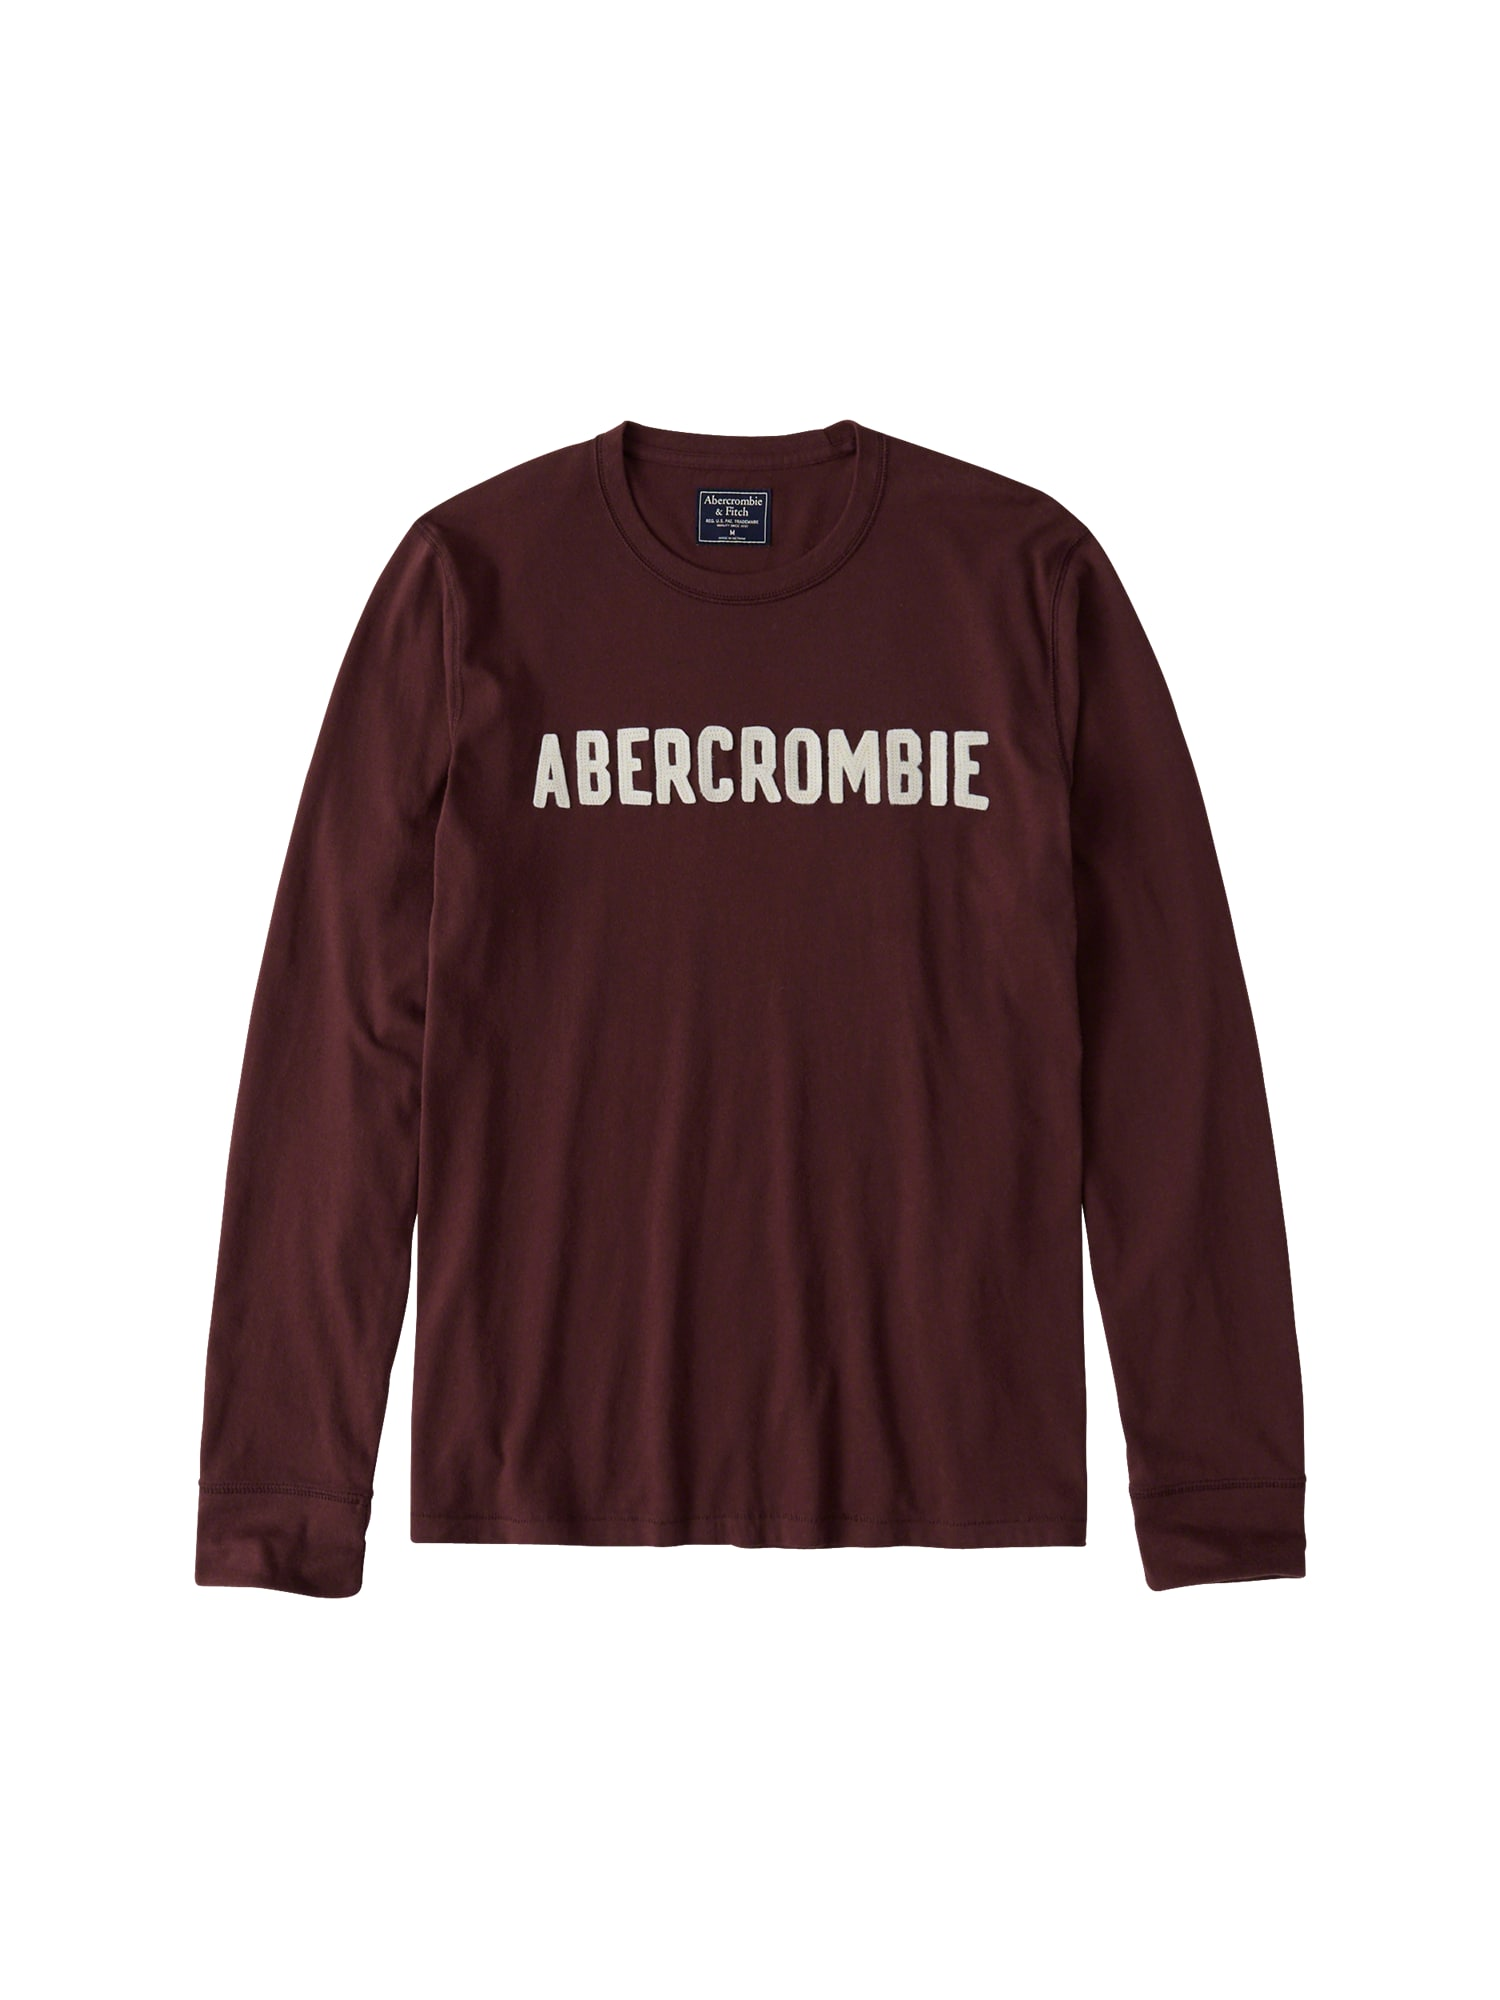 Tričko GLBL DTC LS TECH burgundská červeň Abercrombie & Fitch